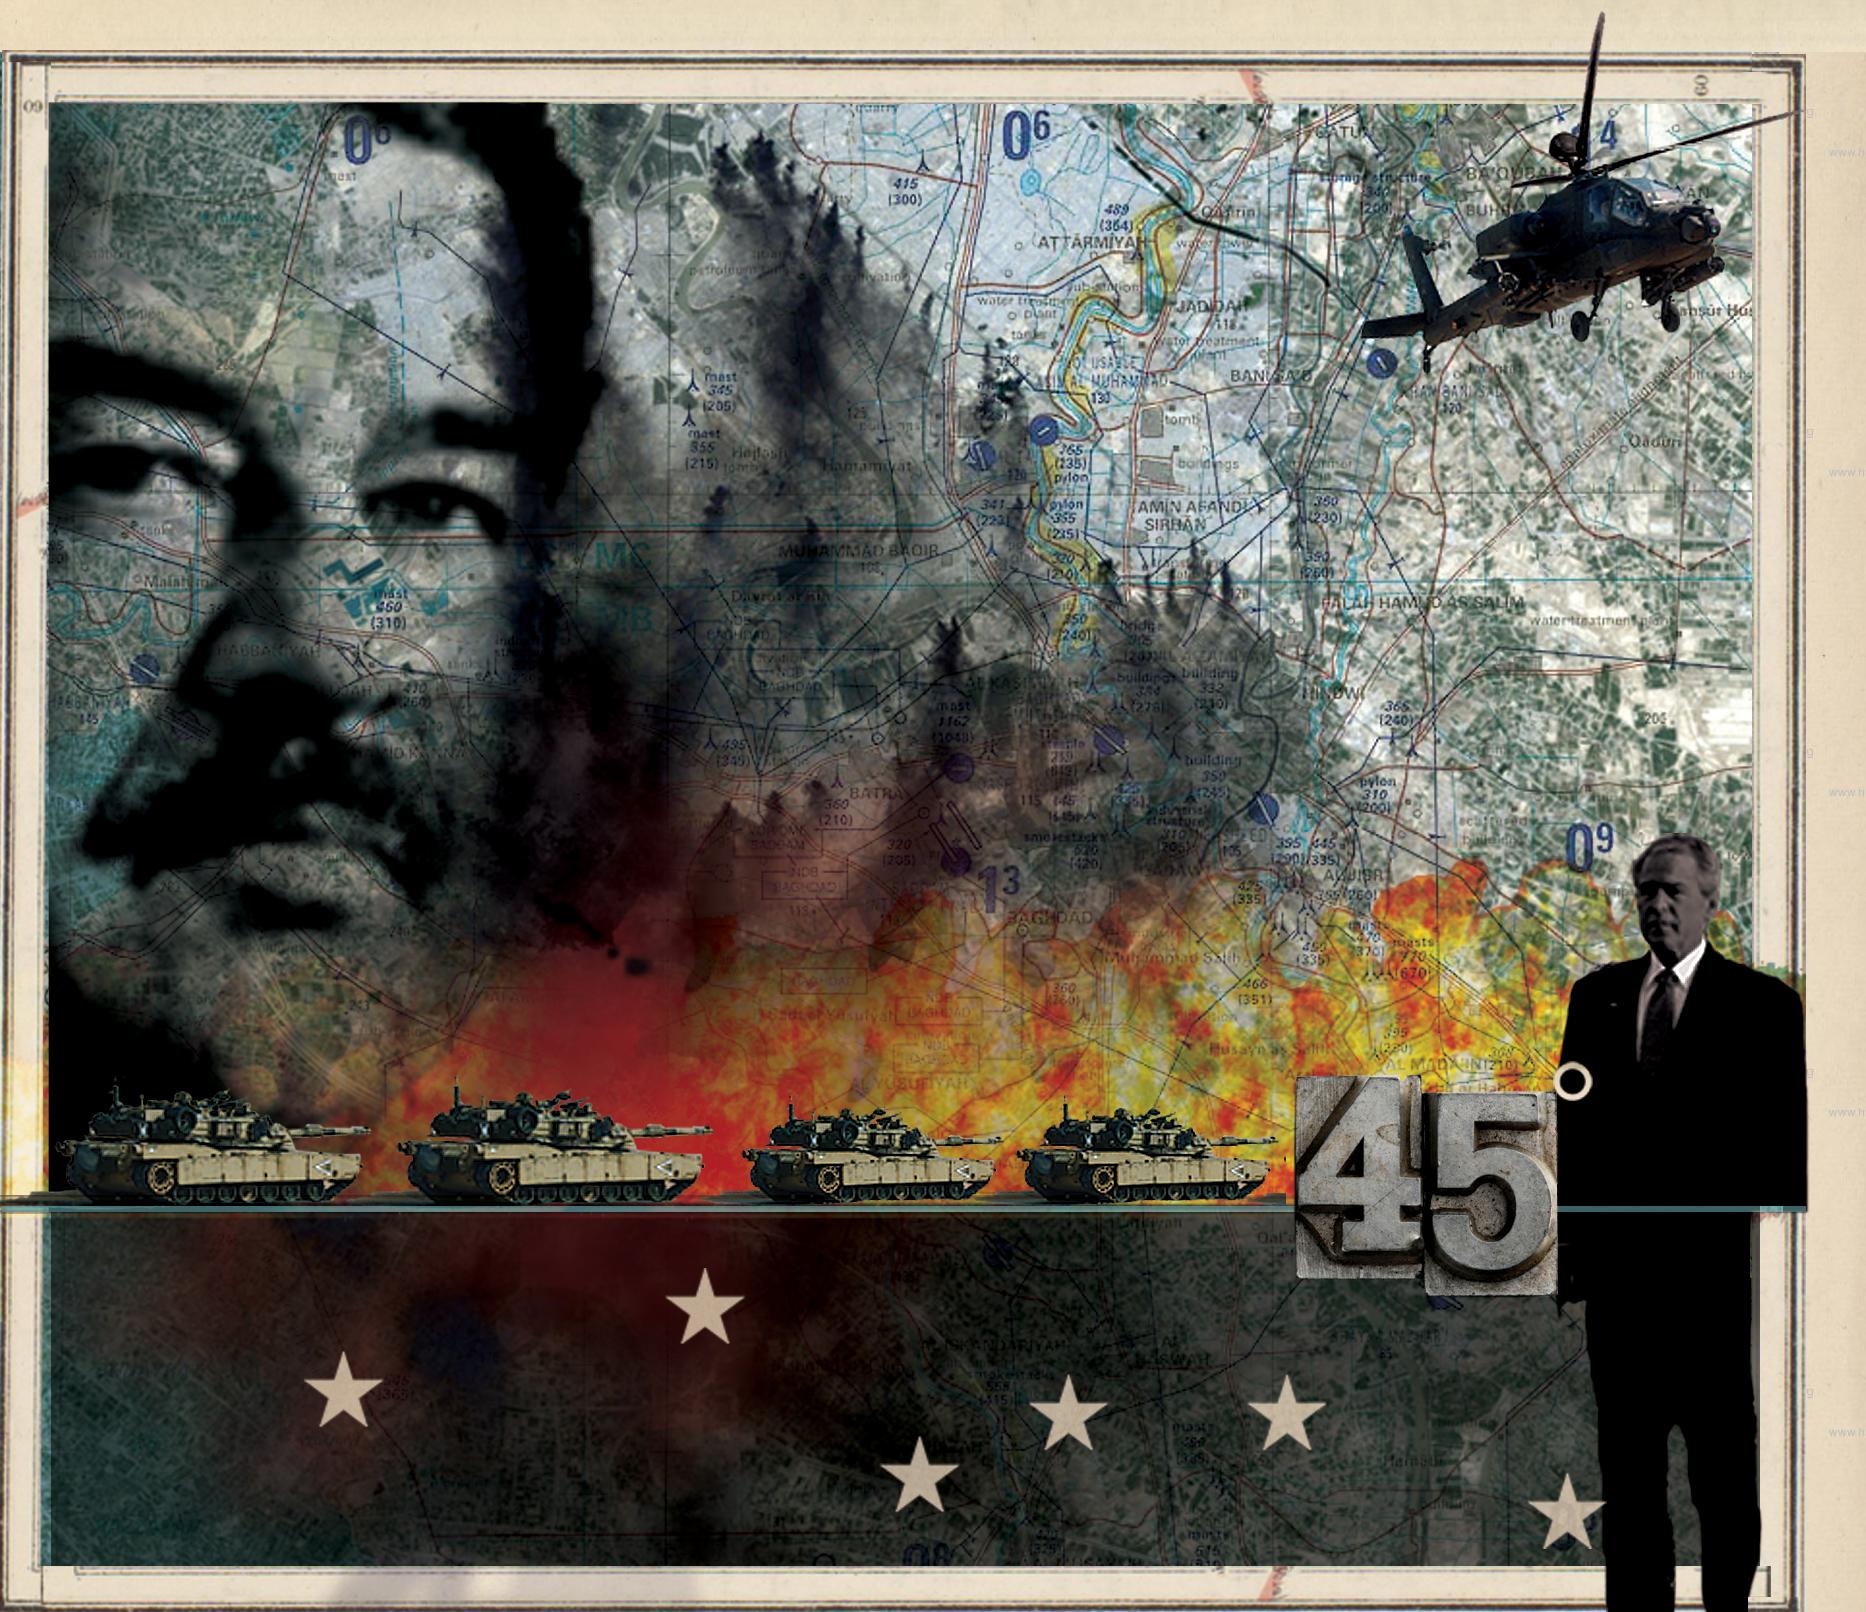 US / IRAQ WAR III